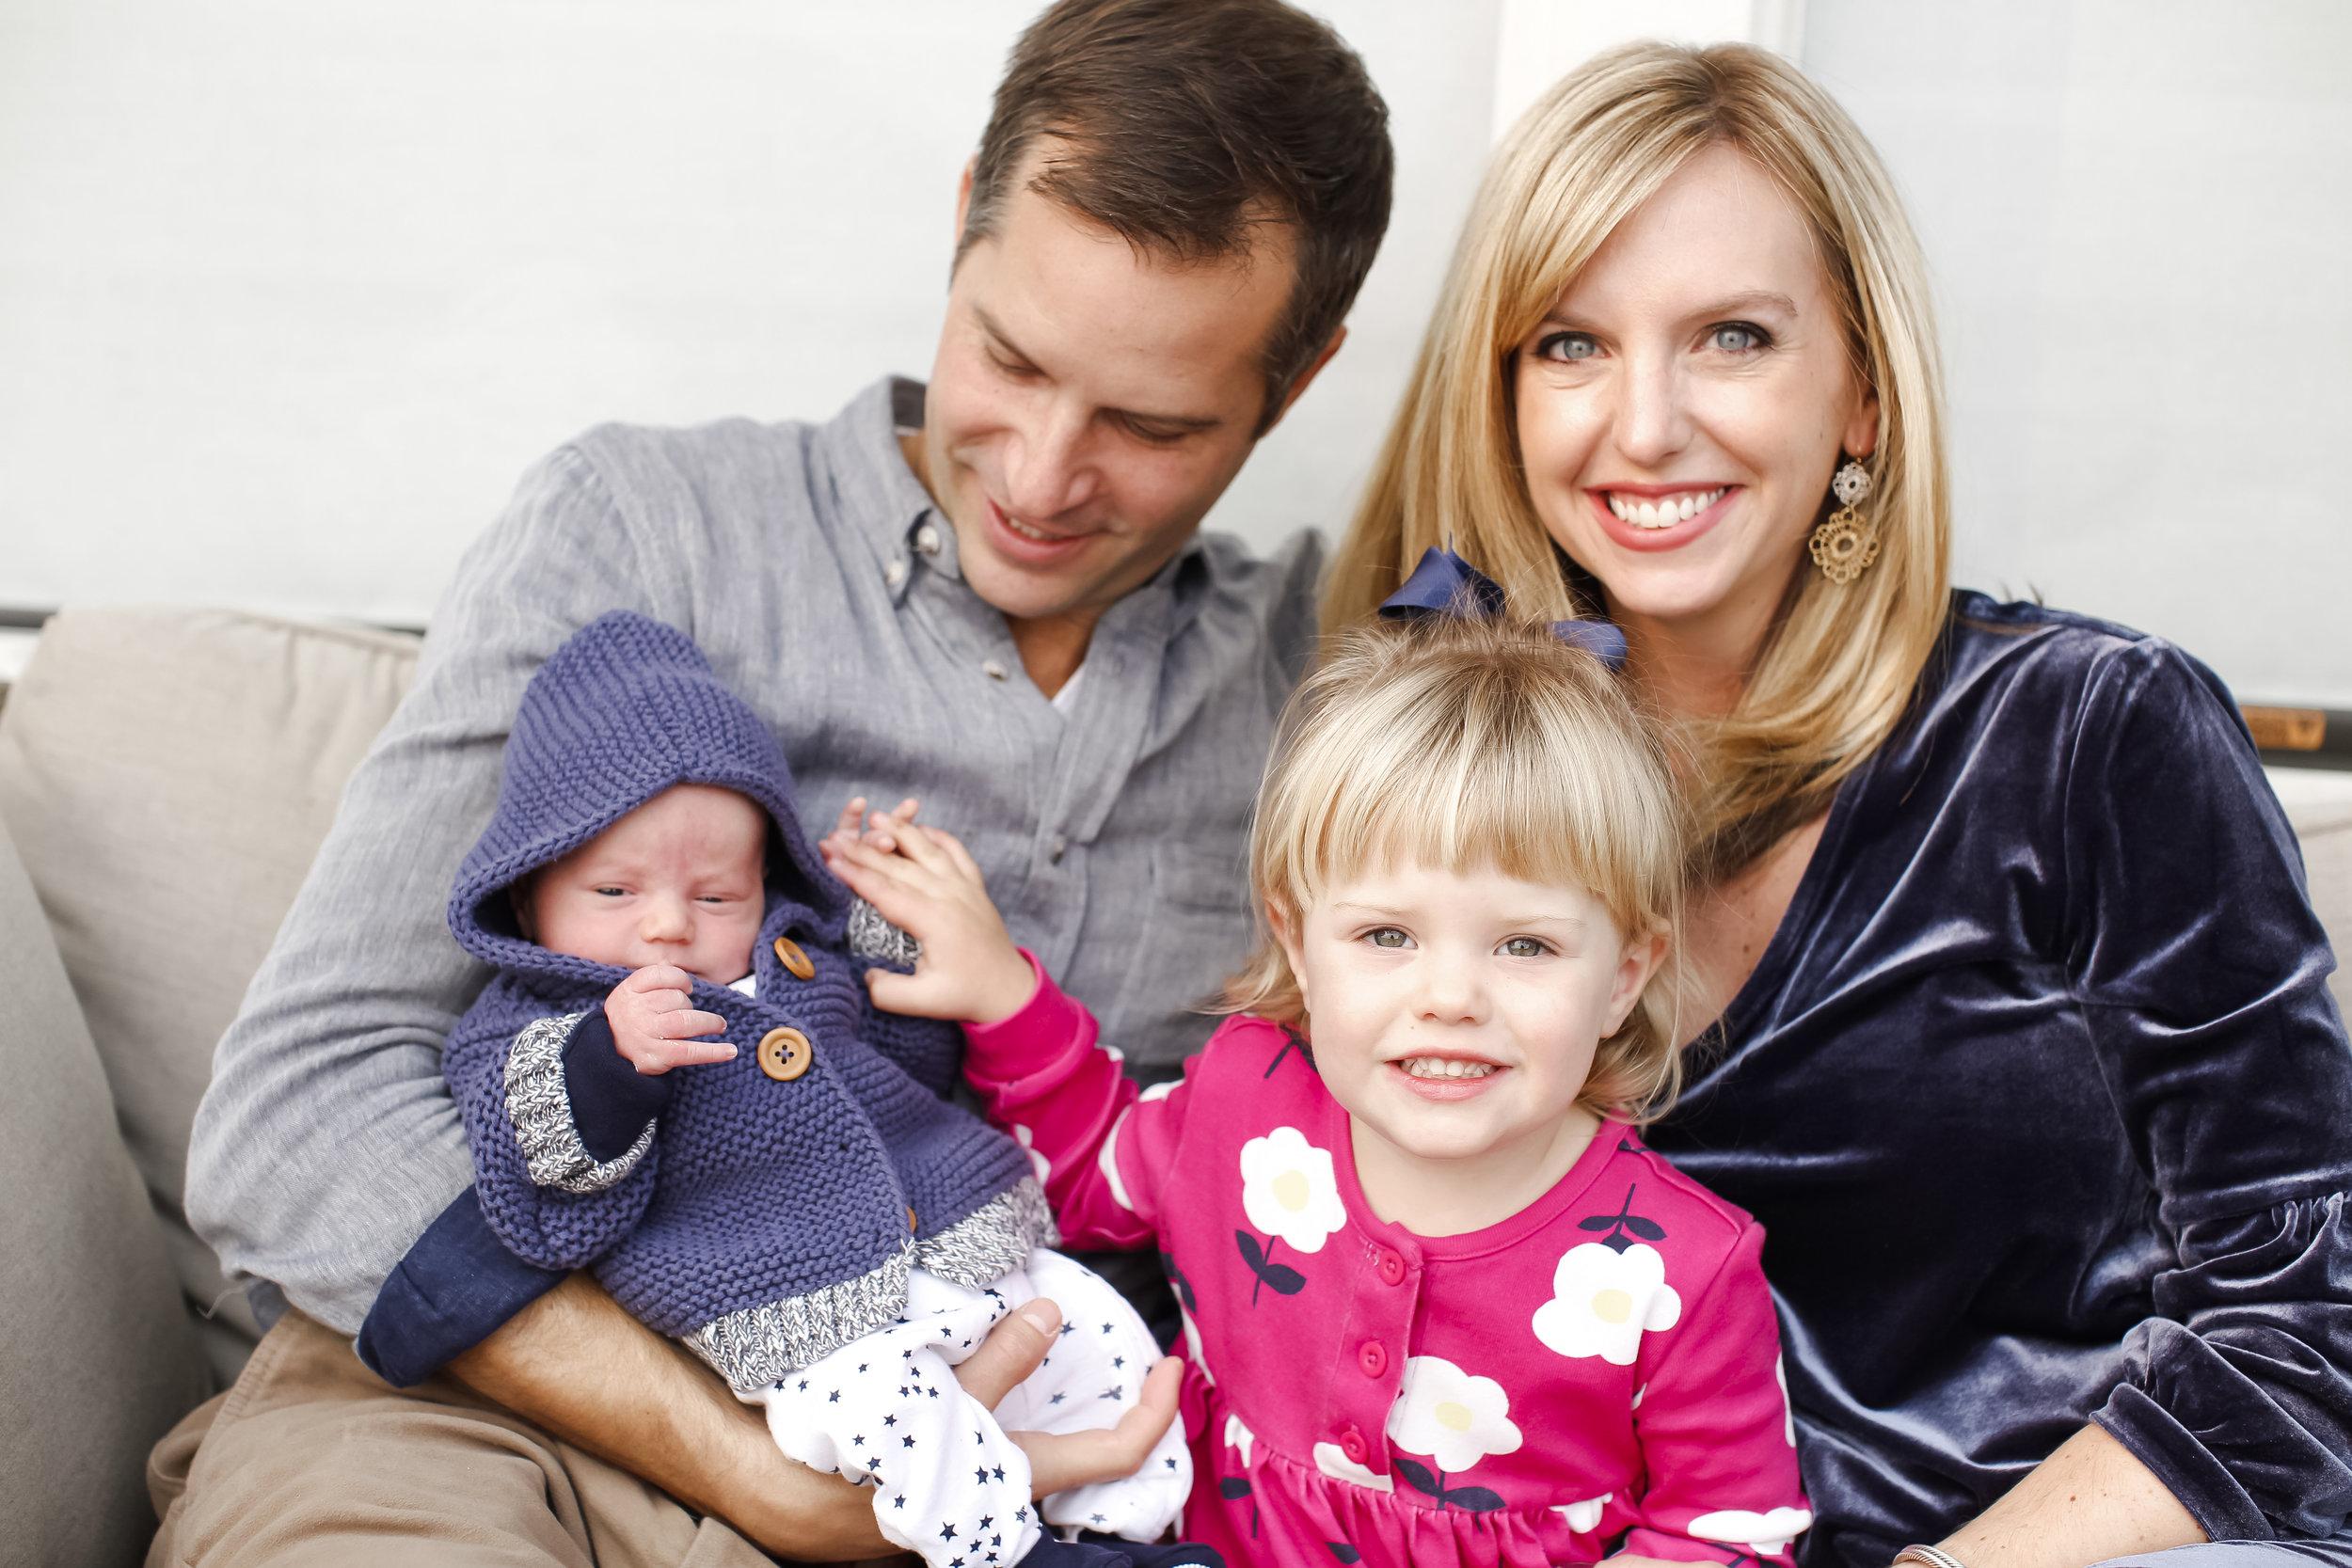 swansonfamily-ahp-00072.jpg